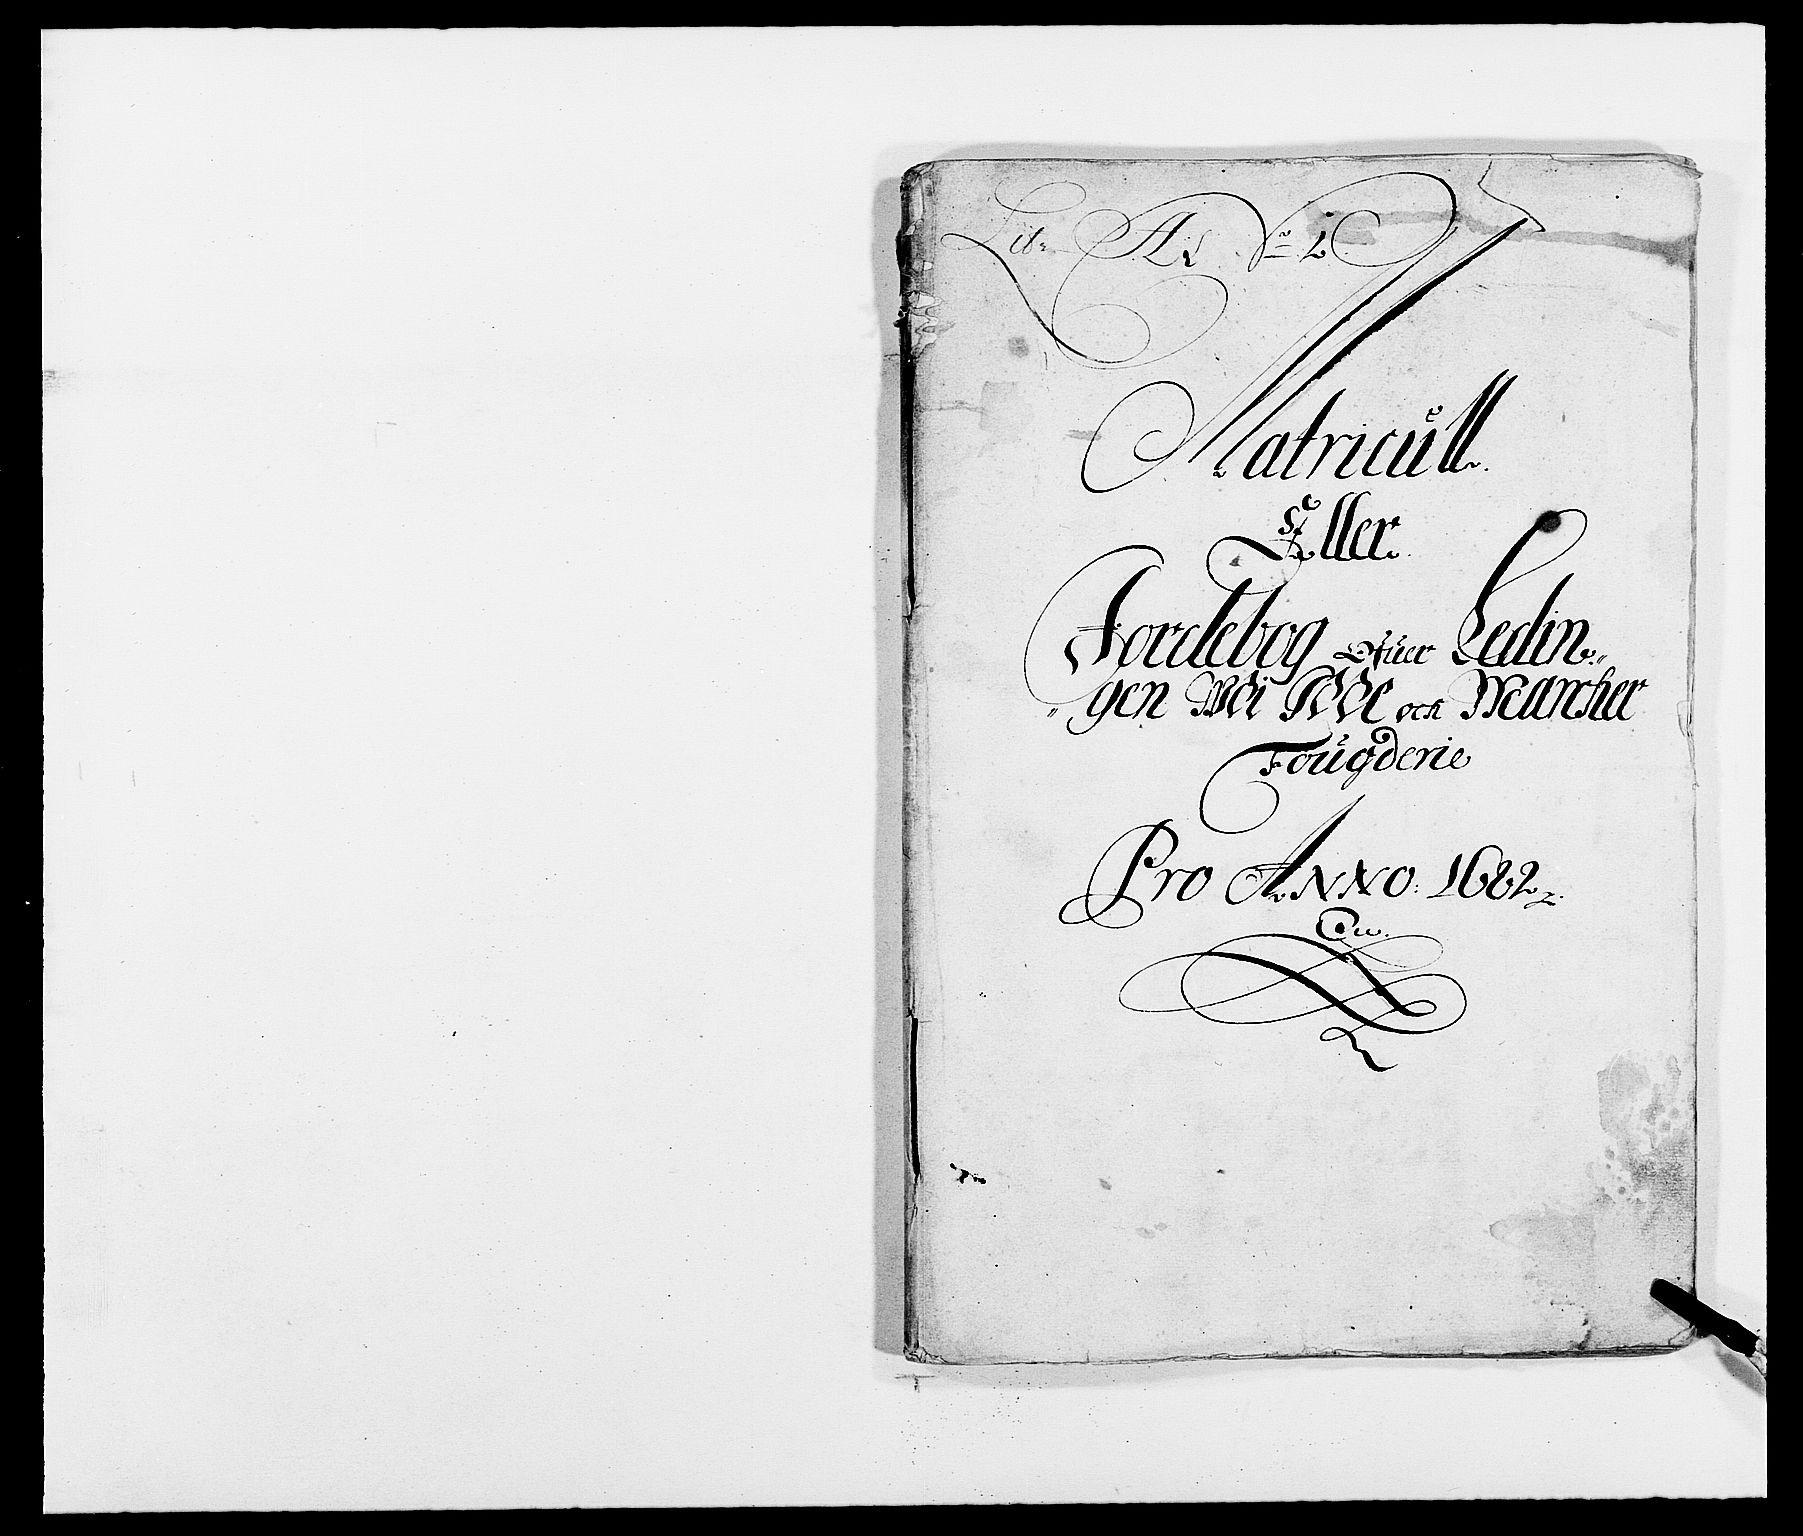 RA, Rentekammeret inntil 1814, Reviderte regnskaper, Fogderegnskap, R01/L0004: Fogderegnskap Idd og Marker , 1682-1683, s. 11